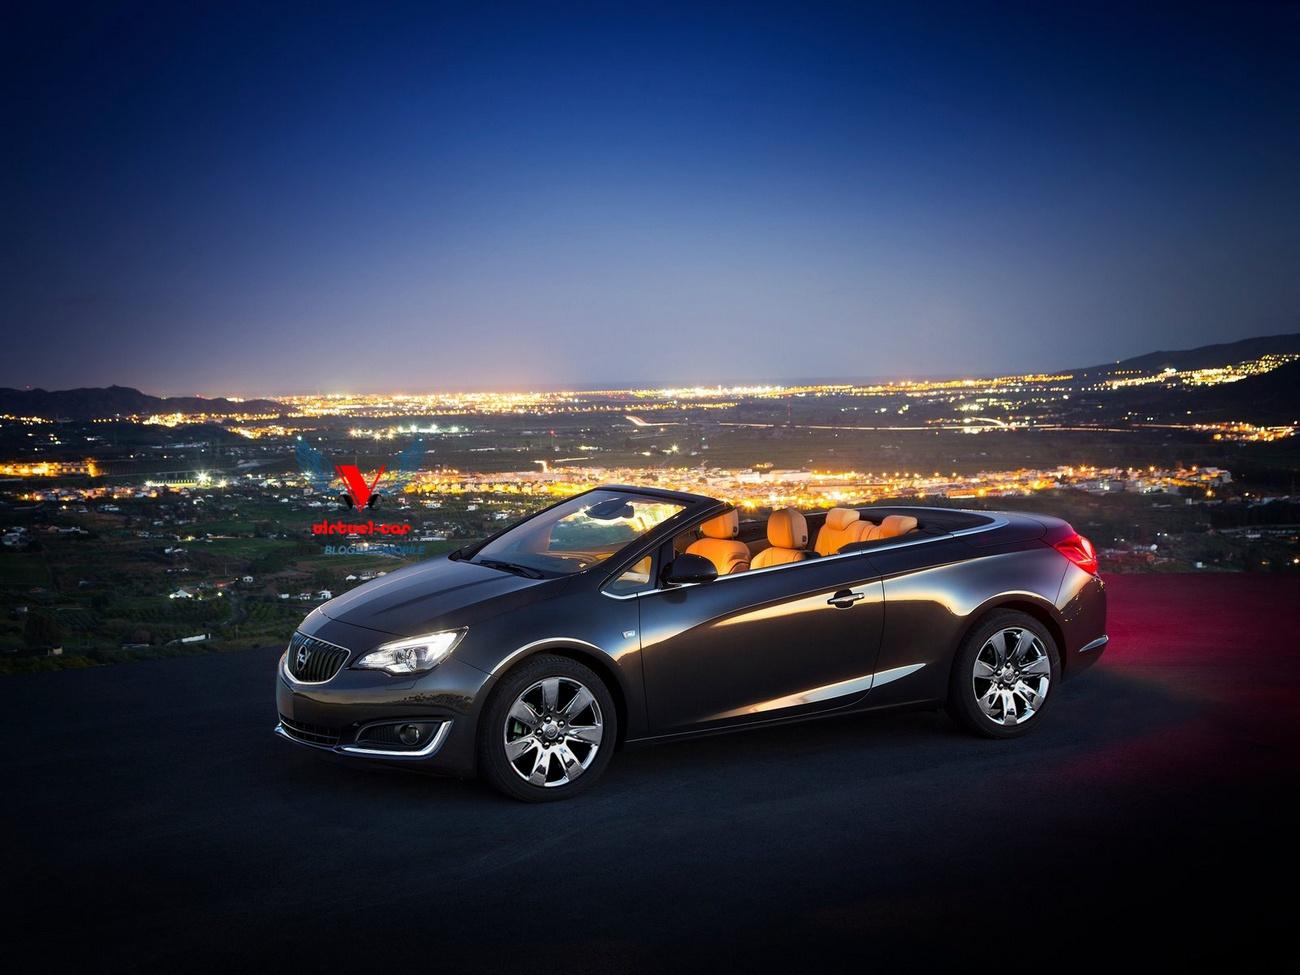 Buick Regal Convertible par Khalil B pour Blogautomobile